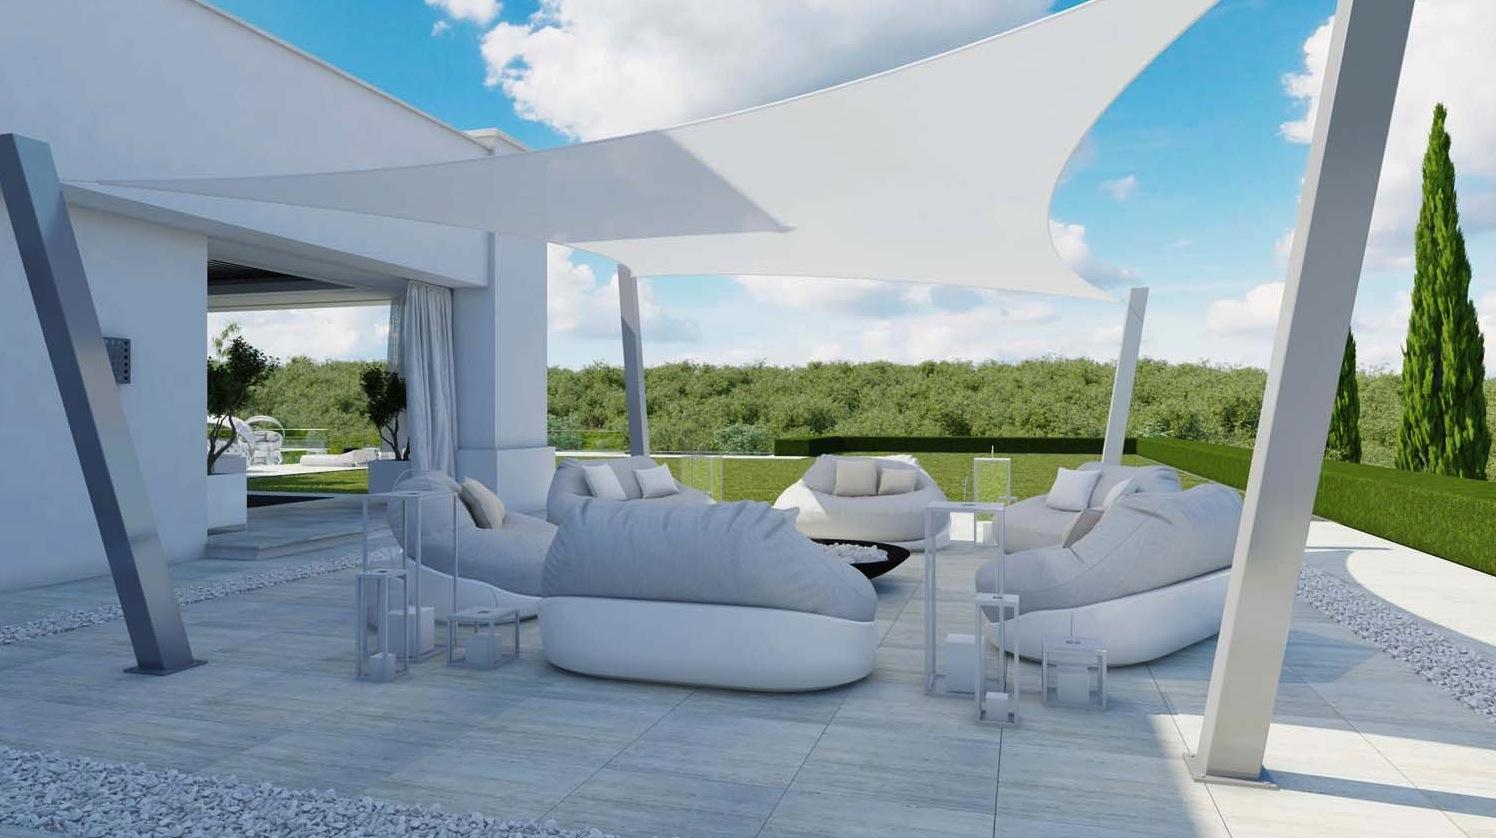 Outdoor Seating Interior Design Ideas